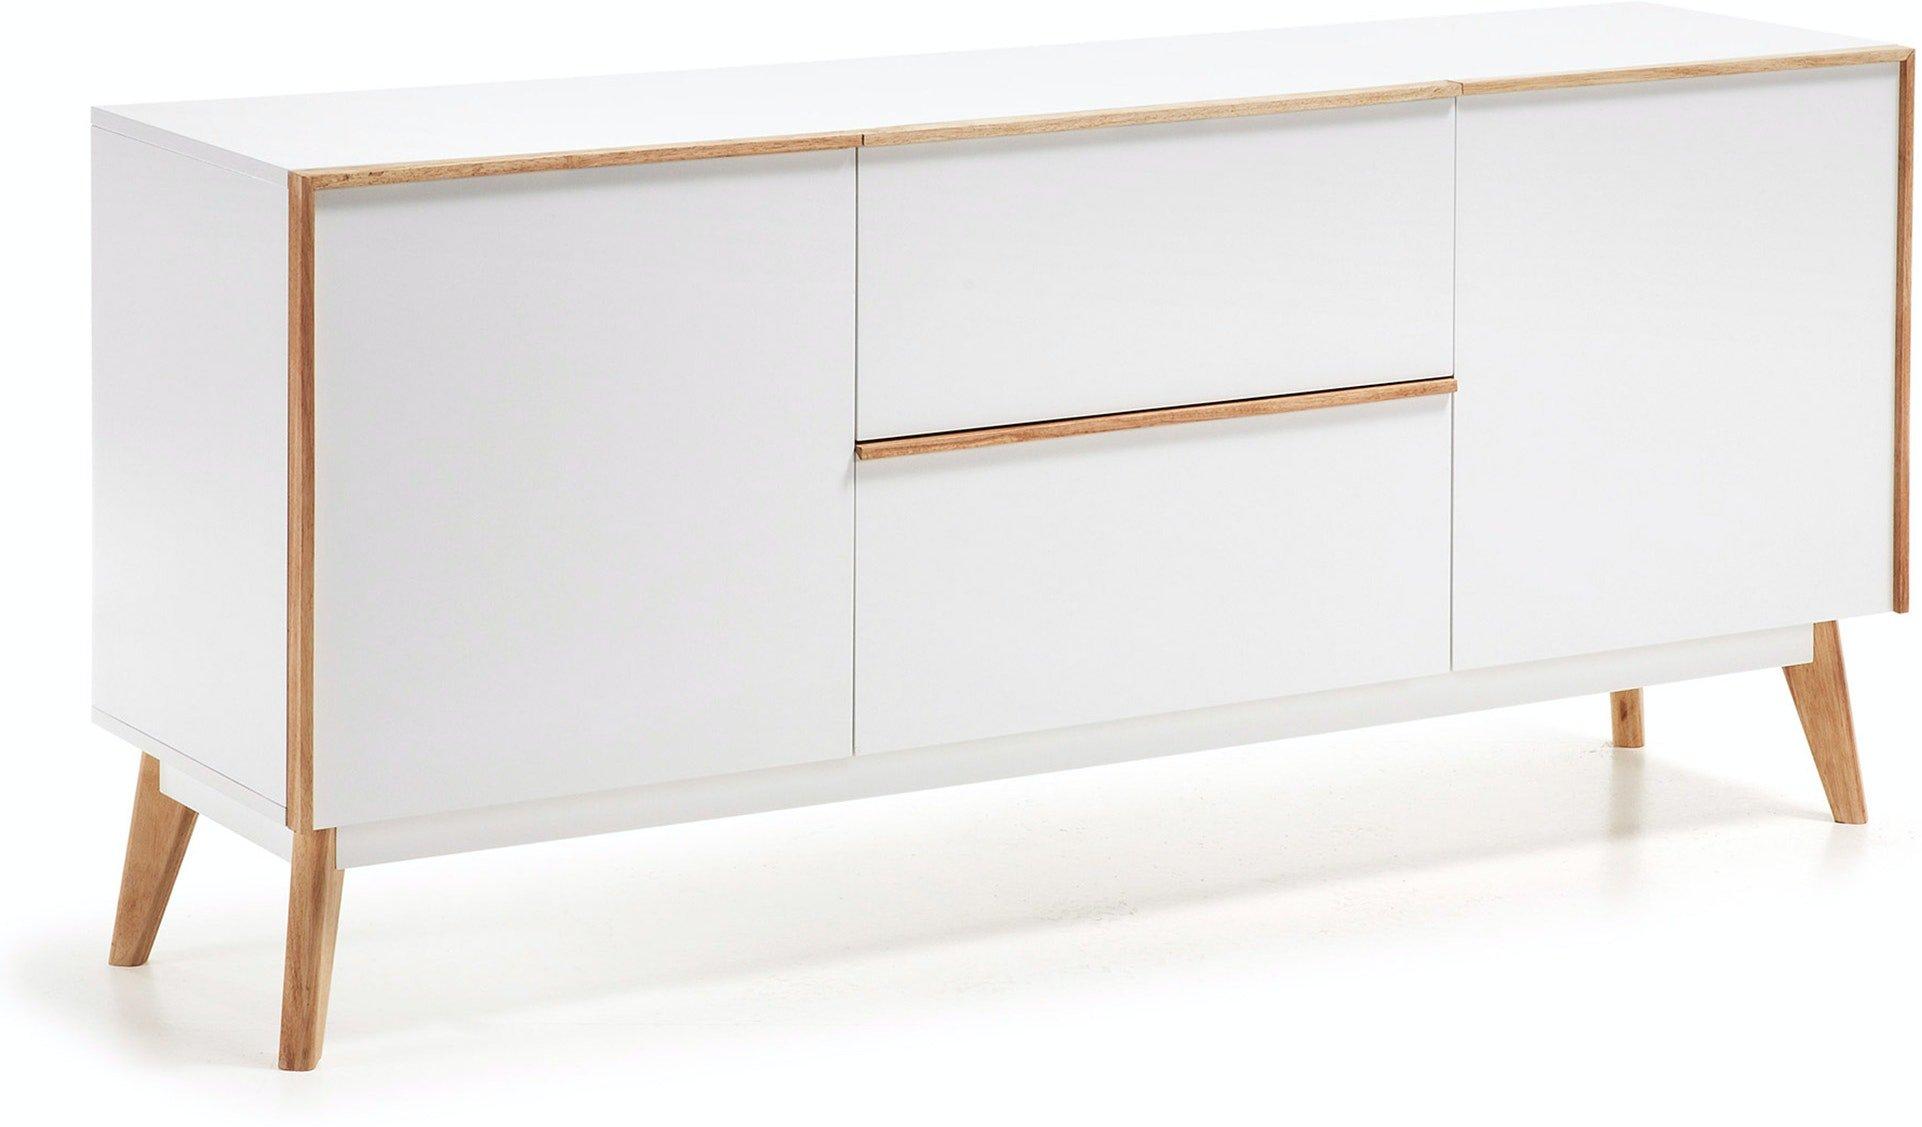 Melan, Skænk, Hvid by LaForma (H: 72 cm. B: 160 cm. L: 42.5 cm., Hvid/Natur)